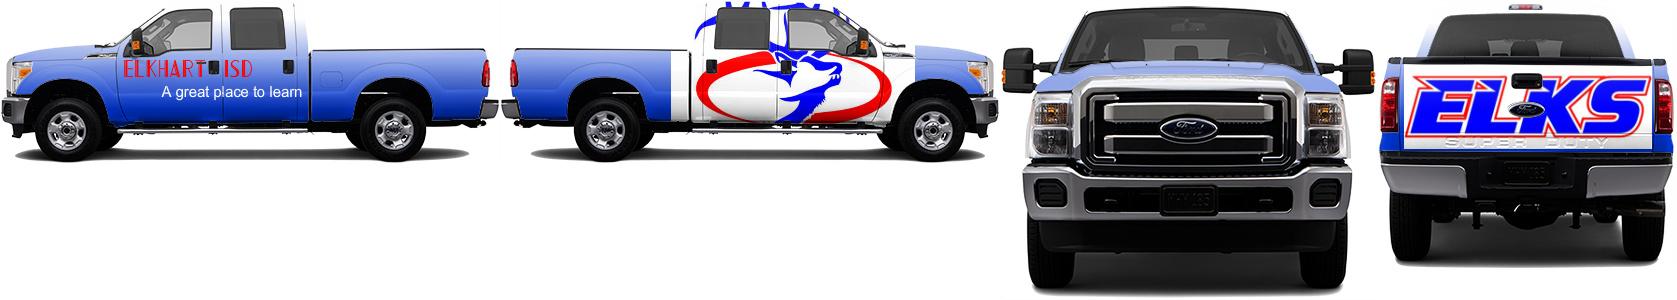 Truck Wrap #49419